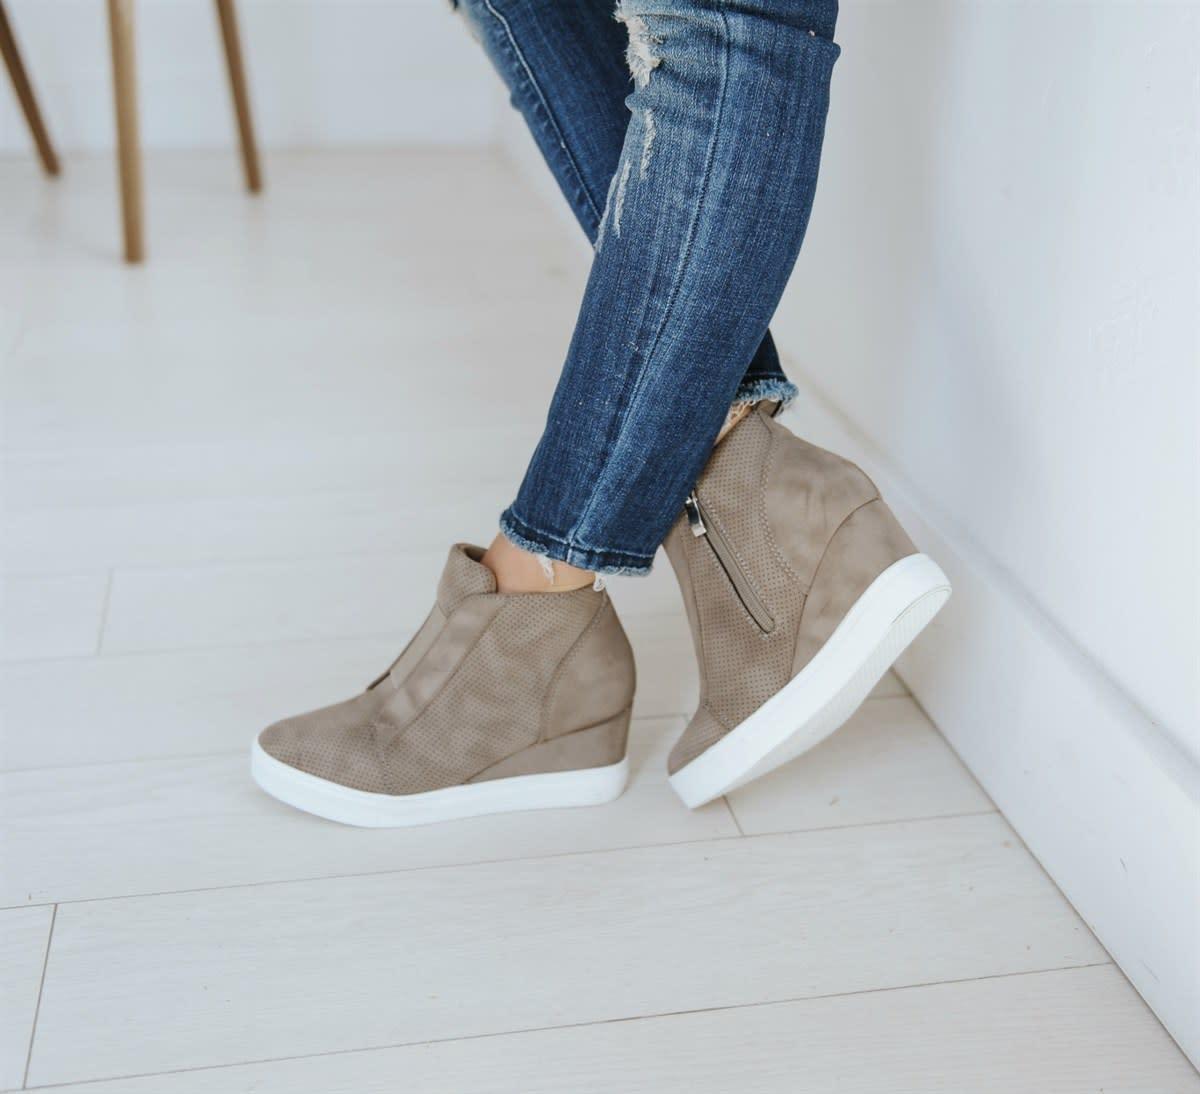 b07c537743c9 Zoey Zipper Wedge Sneaker